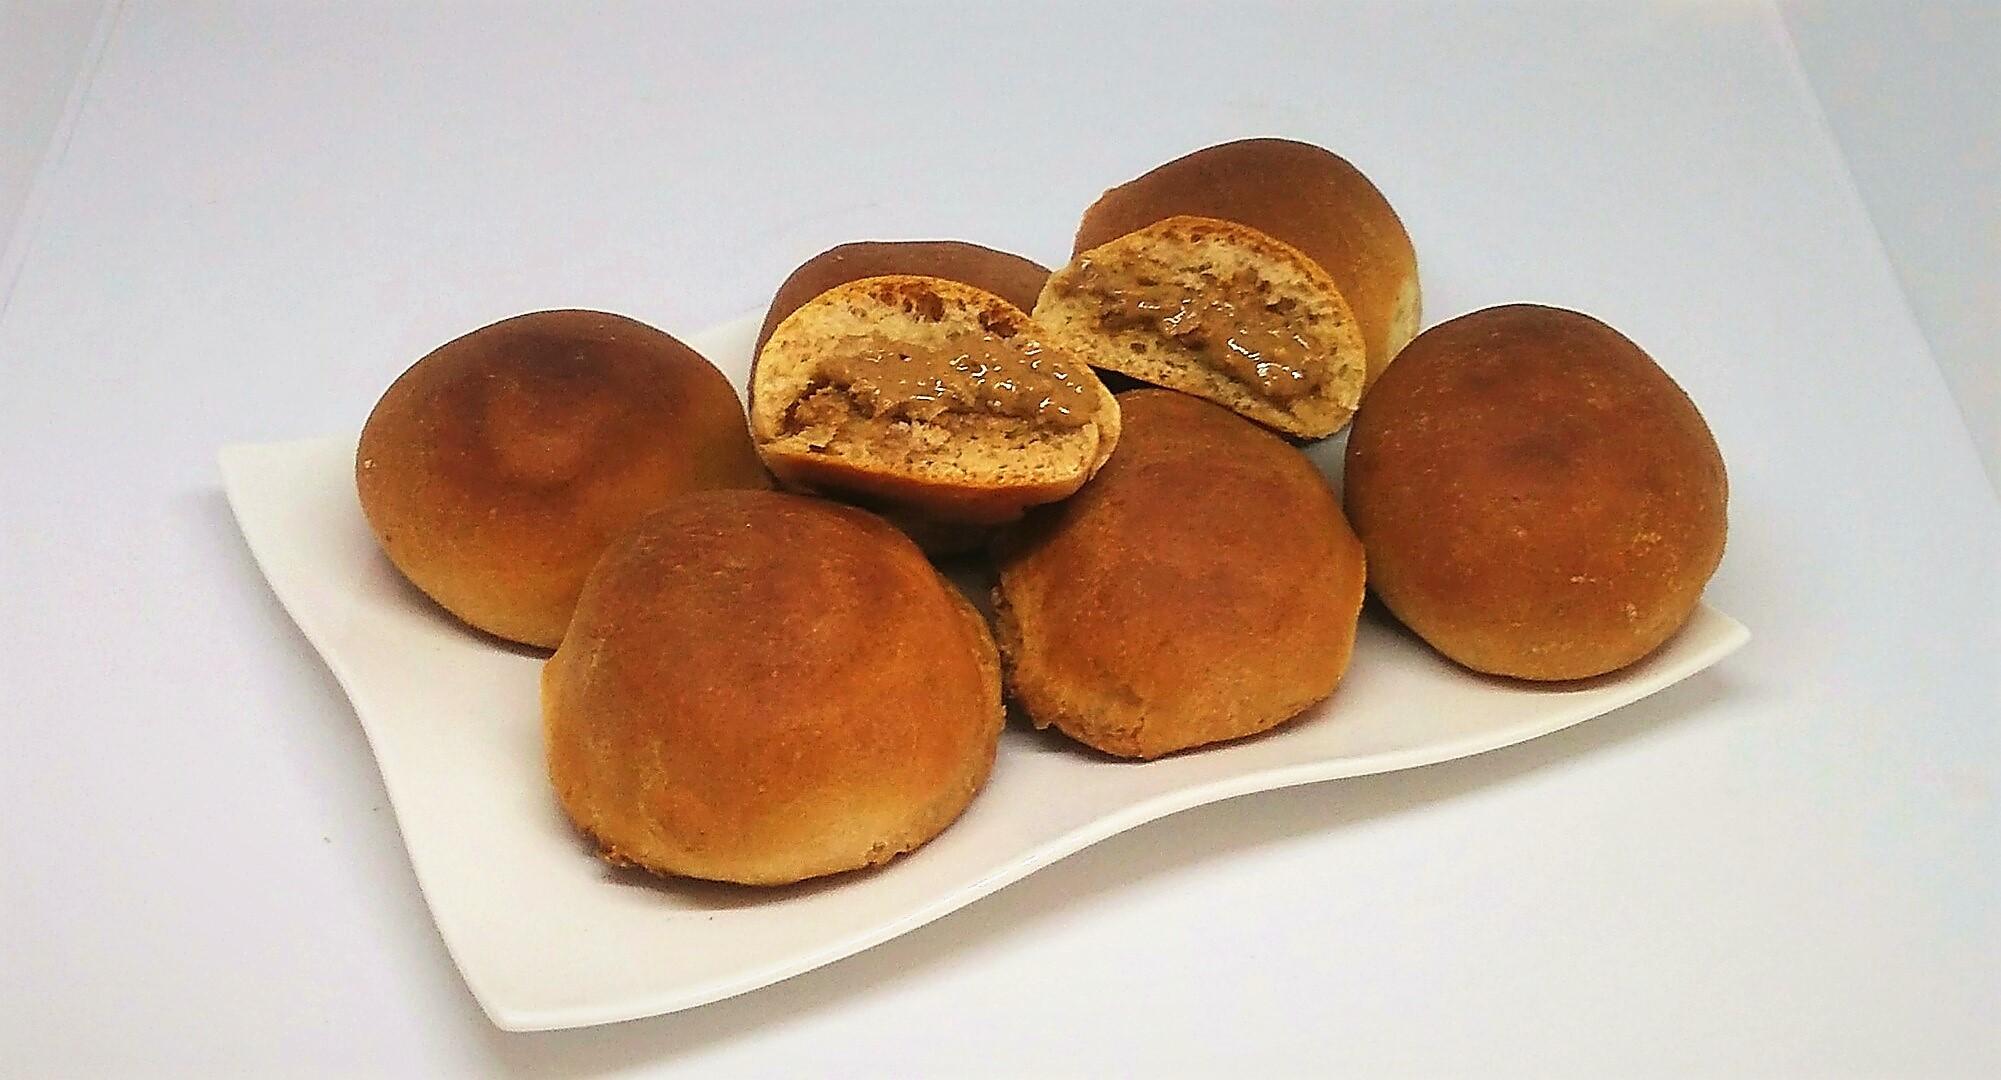 Pãezinhos Recheados com Manteiga de Amendoim